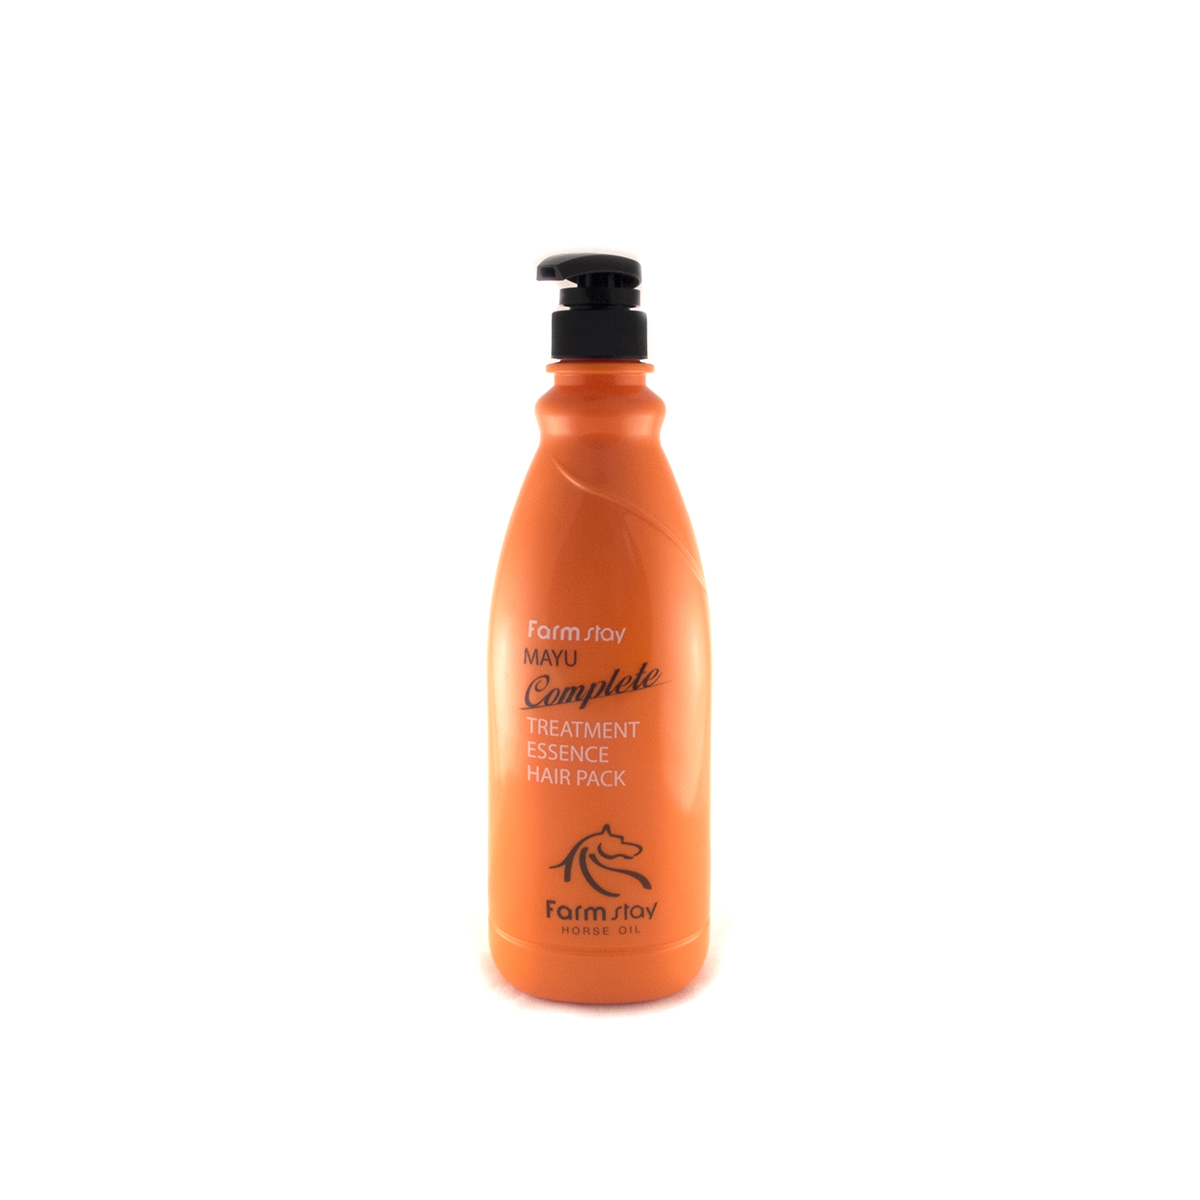 FarmStay Пительная маска для волос с лошадиным маслом, 1000 млFS-00897Маска - тритмент для волос с концентрированной ессенцией с лошадиным маслом предназначена специально для улучшения состояний безжизненных, тусклых волос. Маска питает и восстанавливает слабые волосы, делает их сильными, крепкими, гладкими и шелковистыми. Питательные вещества в составе маски смягчают и увлажняют волосы, а особая разглаживающая формула значительно облегчает расчесывание, лечит секущиеся кончики, не позволяет волосам спутываться. Животный жир богат незаменимыми жирными кислотами (например, в нем содержится альфа-липоевая и линолевая кислоты, а также витамин А и Е). Лошадиное масло особенно ценится тем, что он лучше других жиров усваивается волосами, так как имеет состав, схожий с человеческой жировой секрецией. Именно поэтому данное вещество не отторгается организмом. Уже после первого применения вы заметите, что волосы заблестели, стали более здоровыми, упругими и живыми.